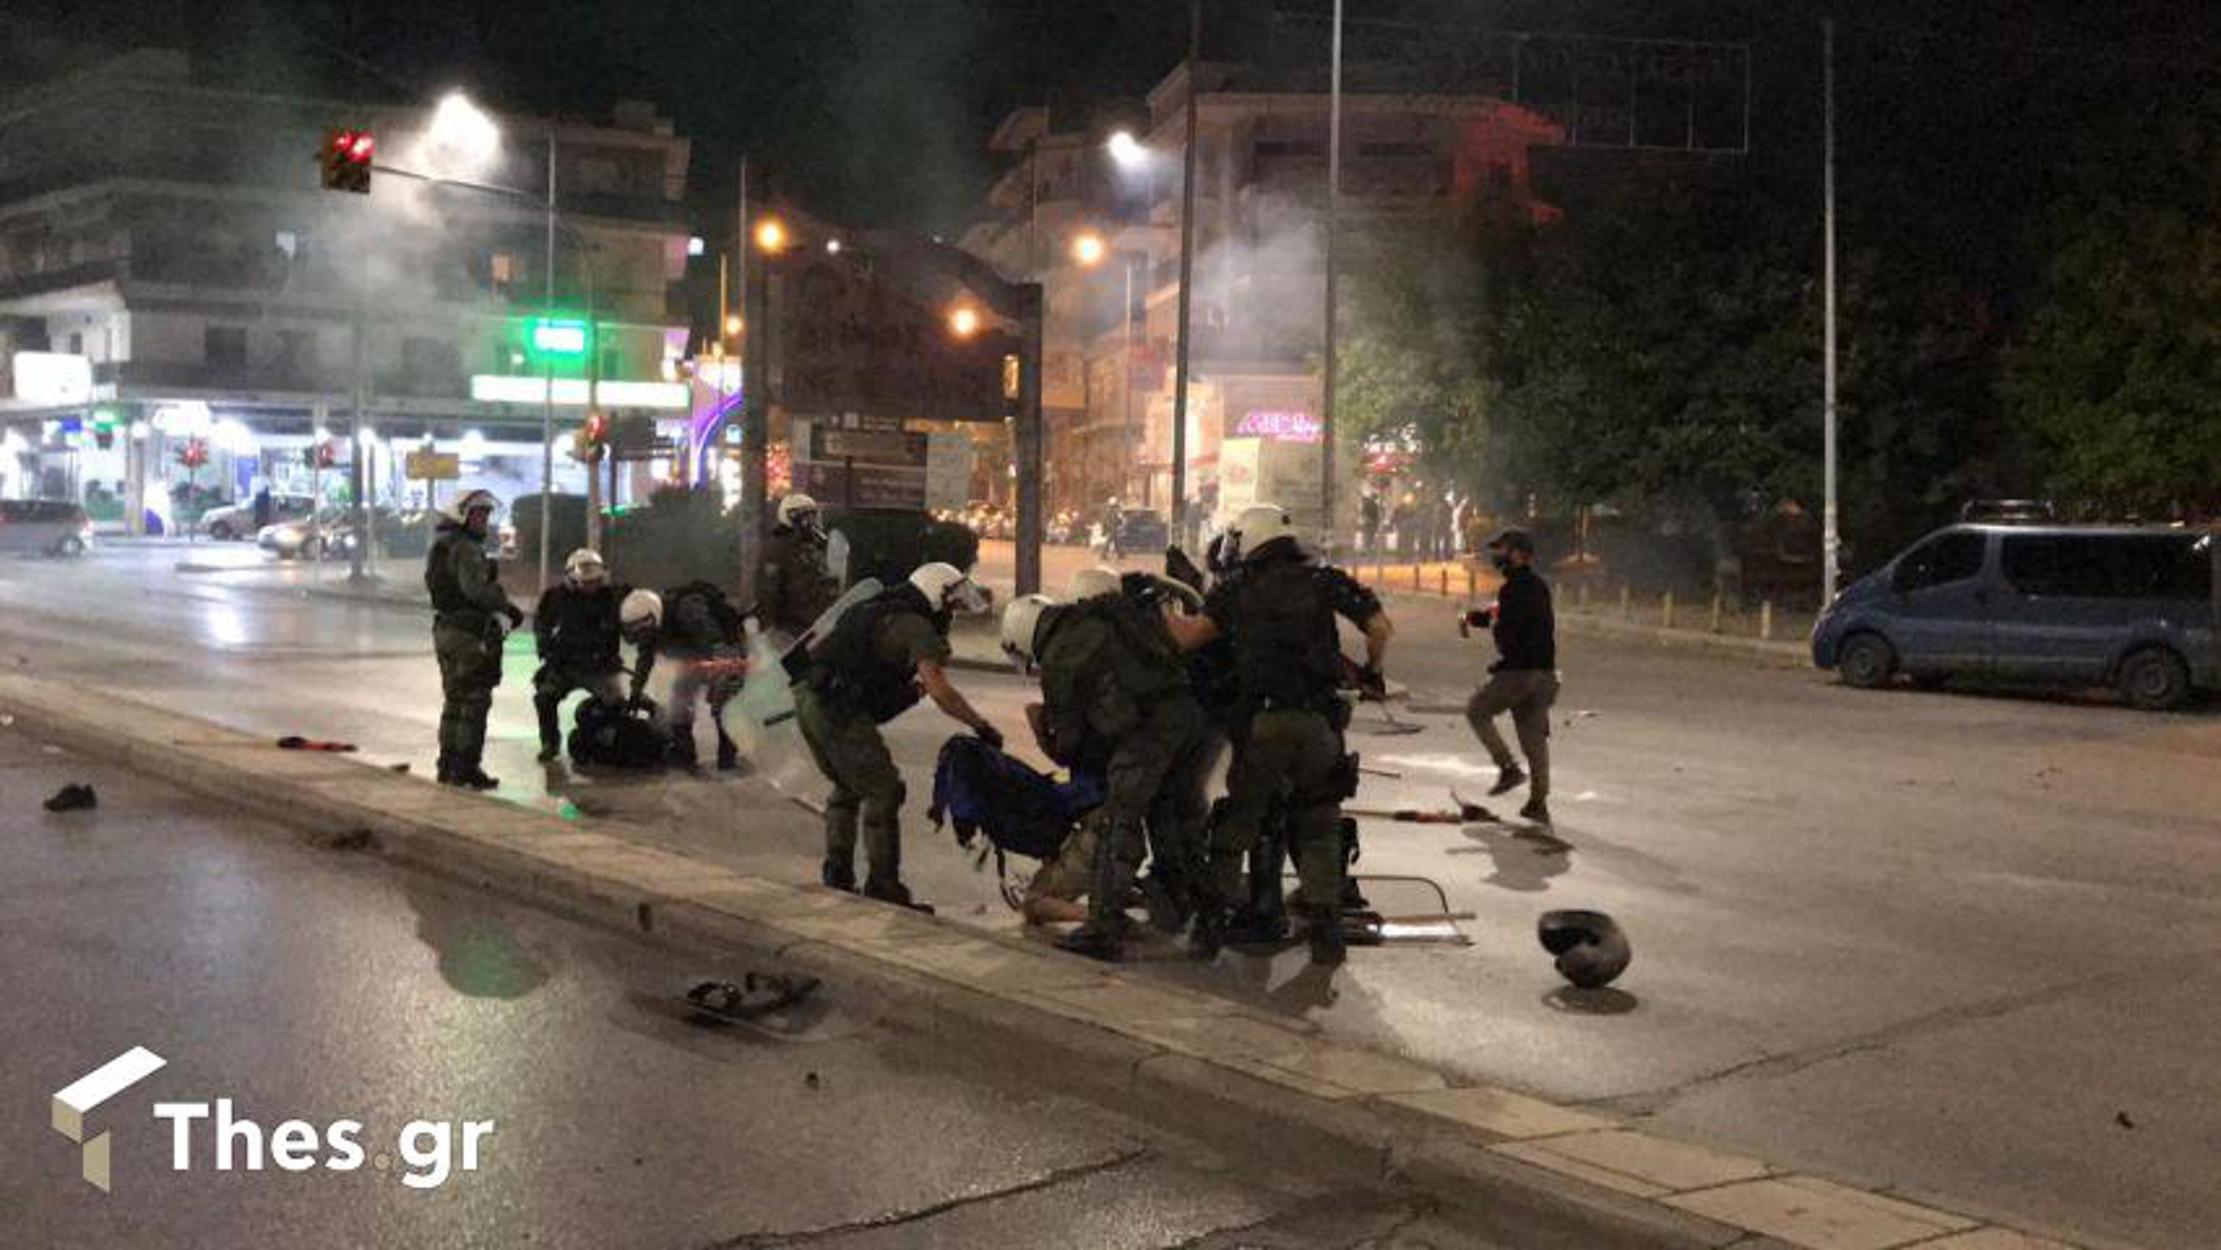 Θεσσαλονίκη: Επεισόδια και χημικά στην αντιφασιστική πορεία